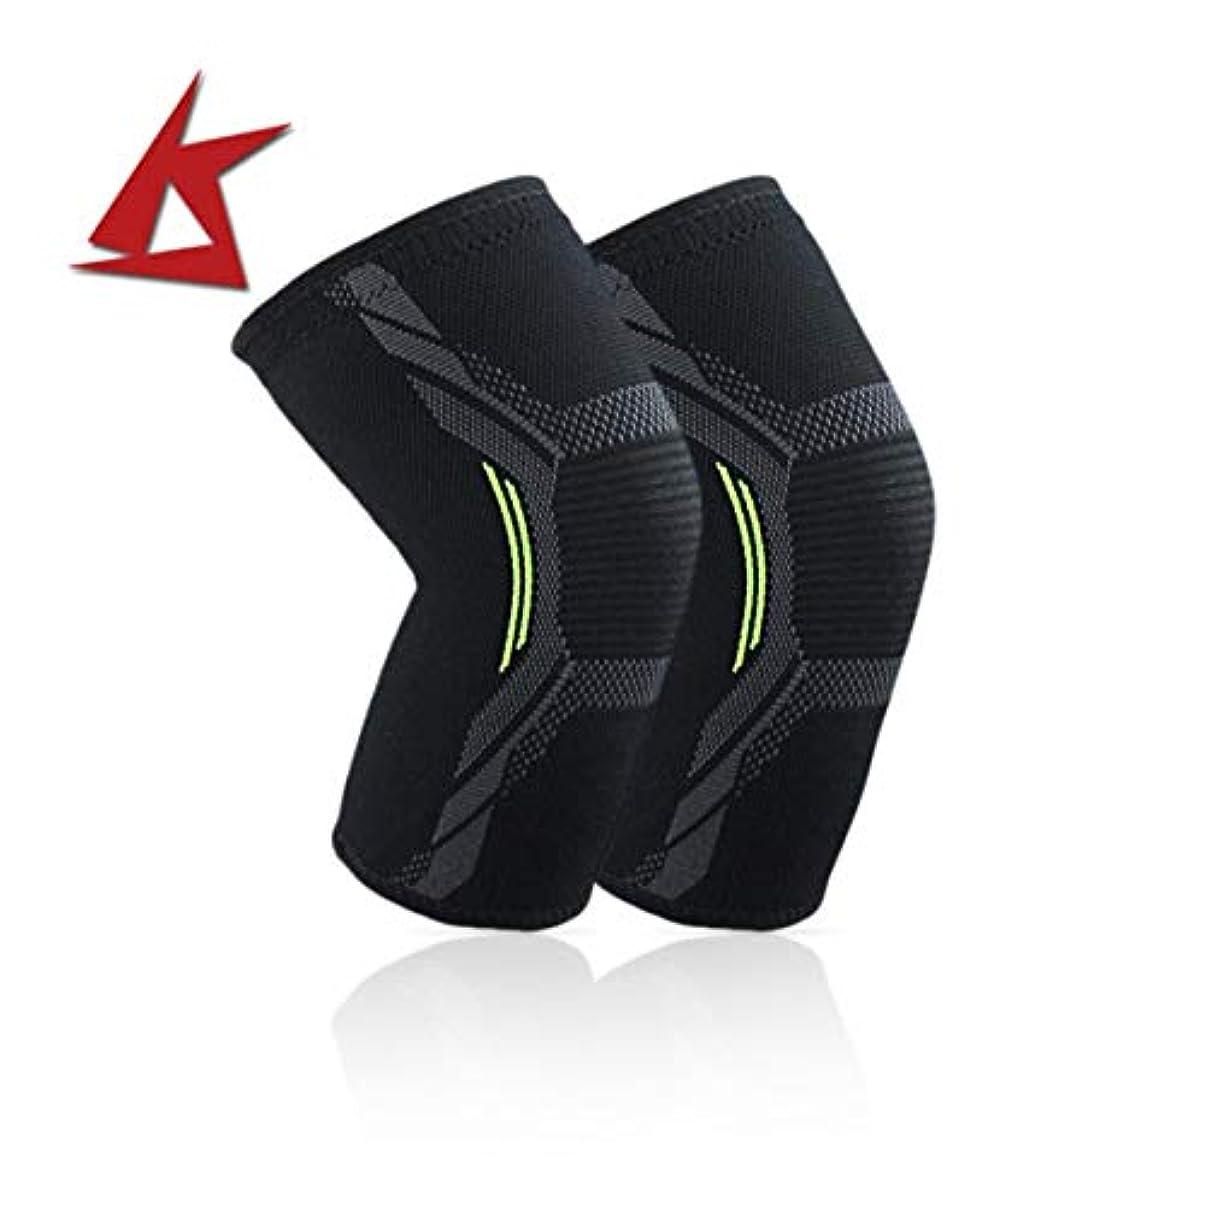 憎しみ実際に同一のニット膝パッド耐久性のあるナイロン膝ブレーススポーツ保護パッド超薄型膝サポート安全膝パッド - ブラックL